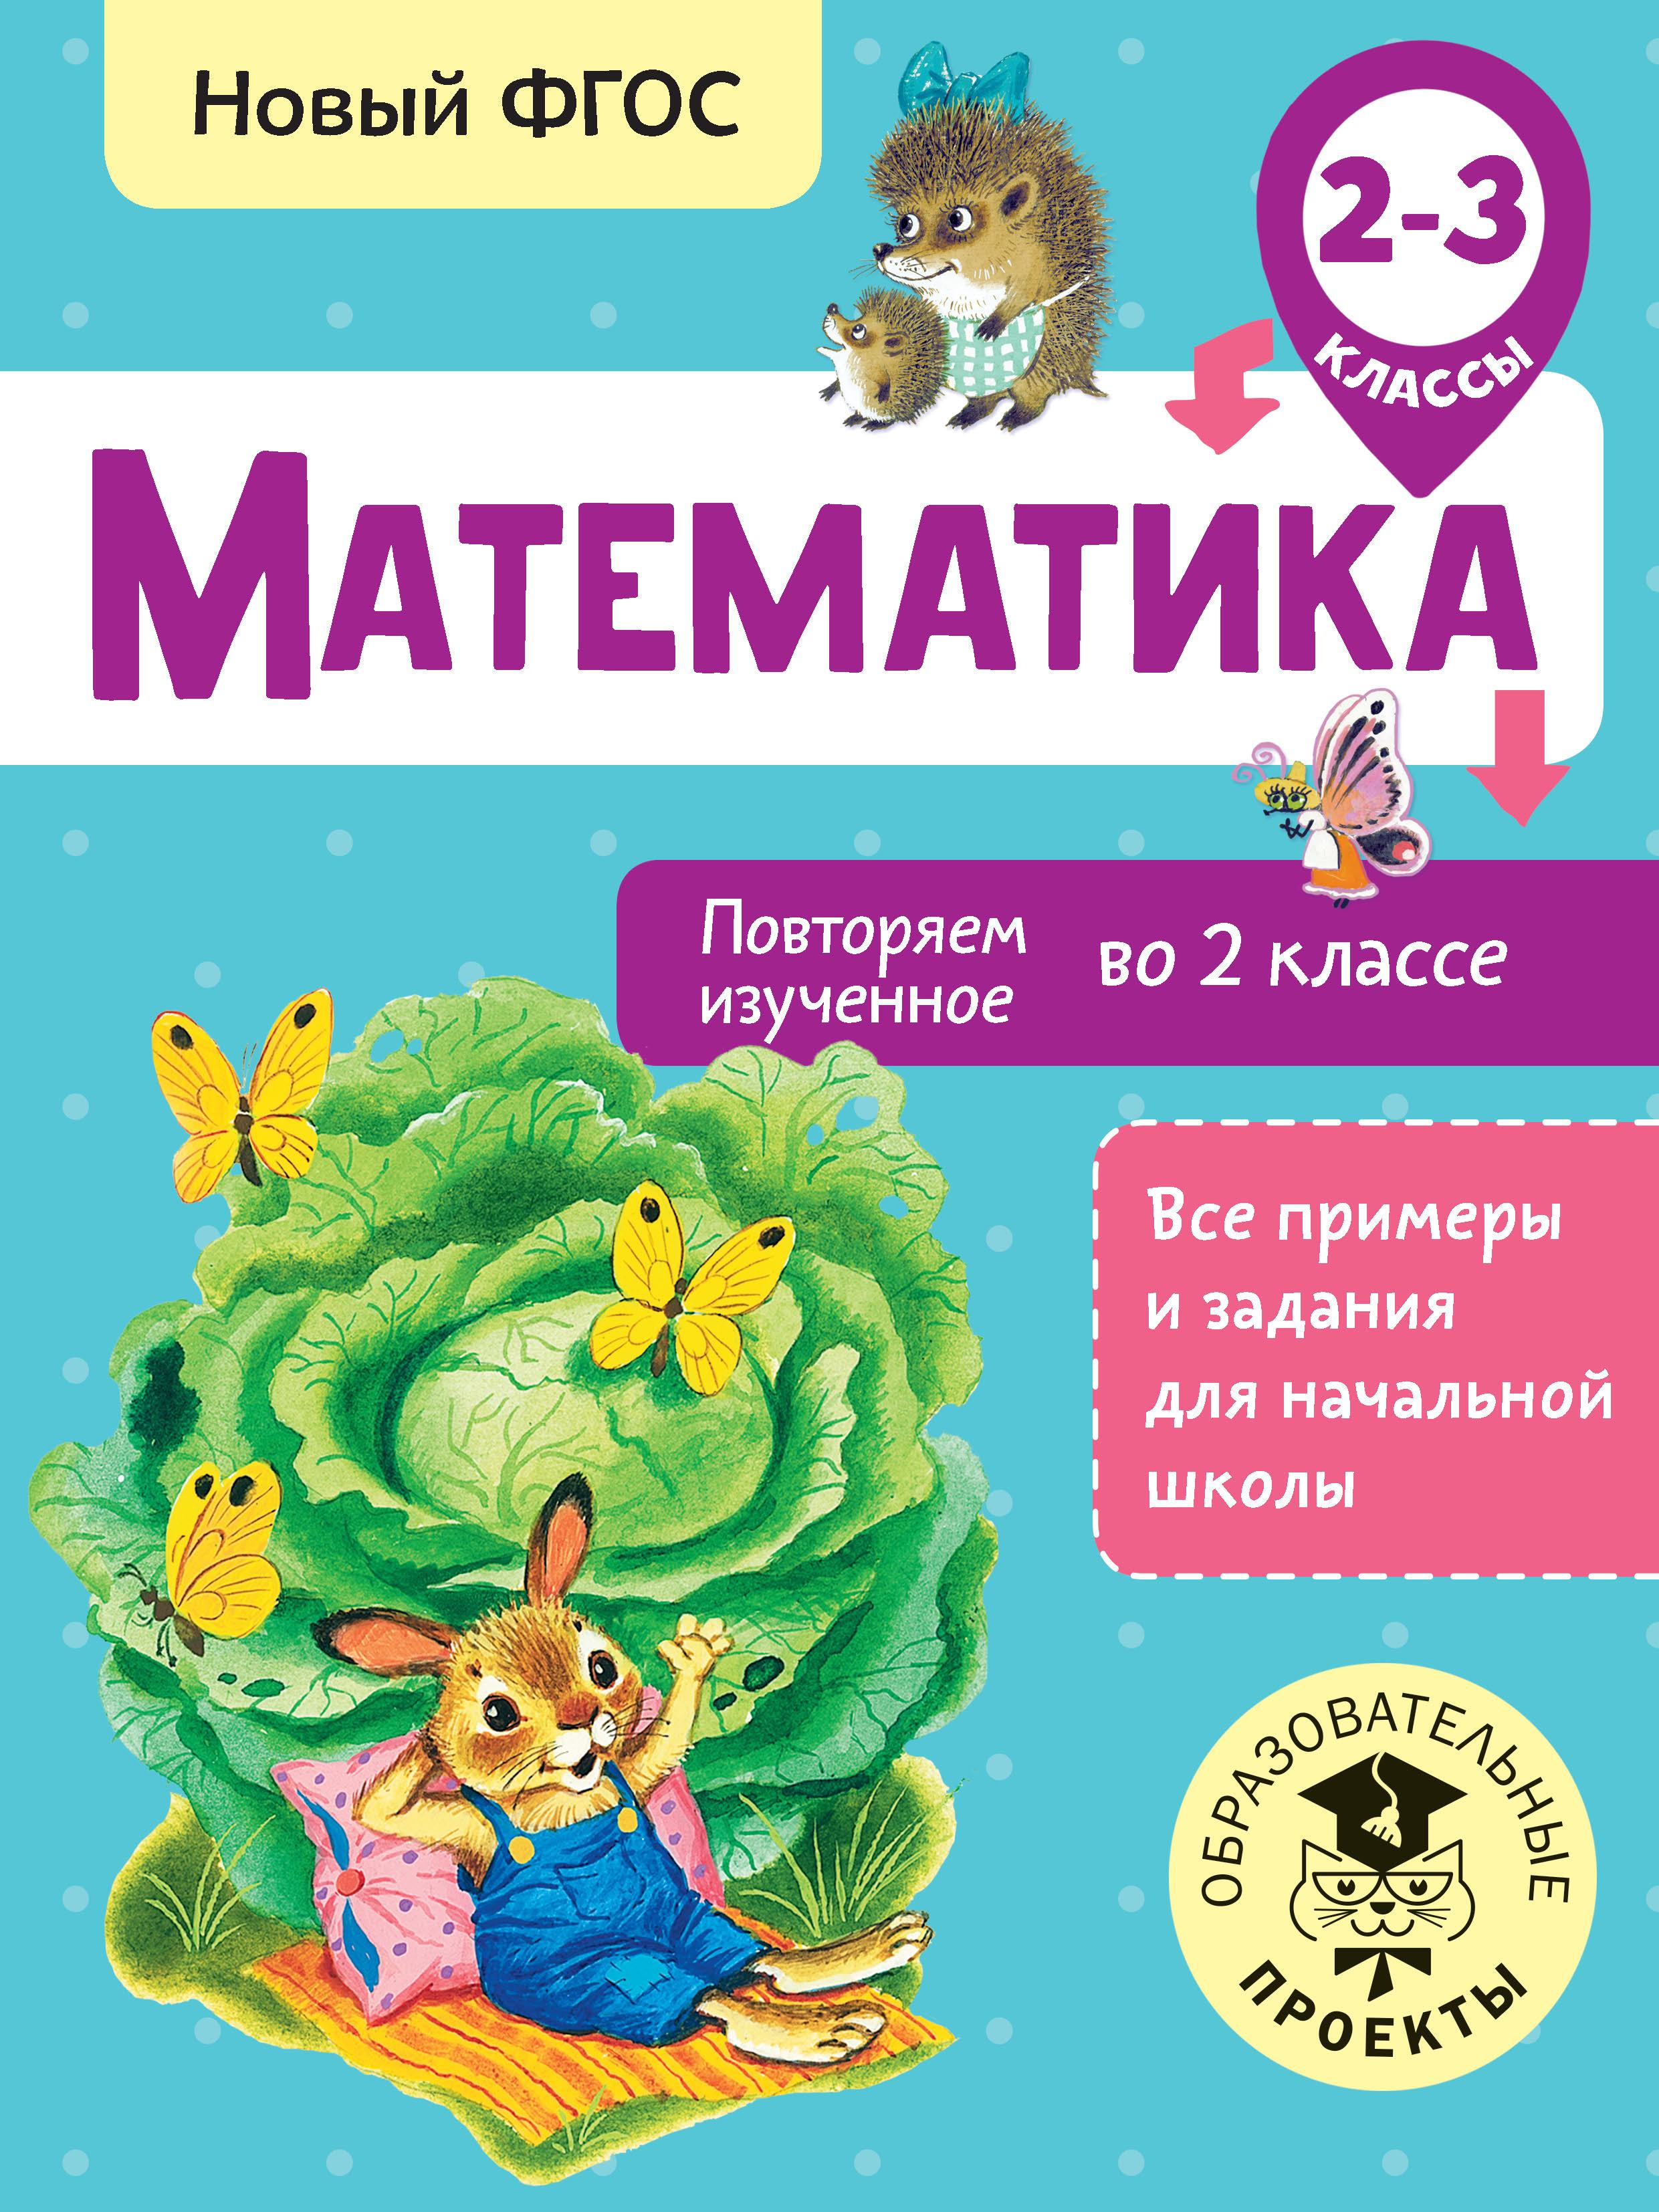 Е. Э. Кочурова Математика. Повторяем изученное во 2 классе. 2-3 классы артем зайцев окружающий мир повторяем изученное в 1 классе 1 2 класс